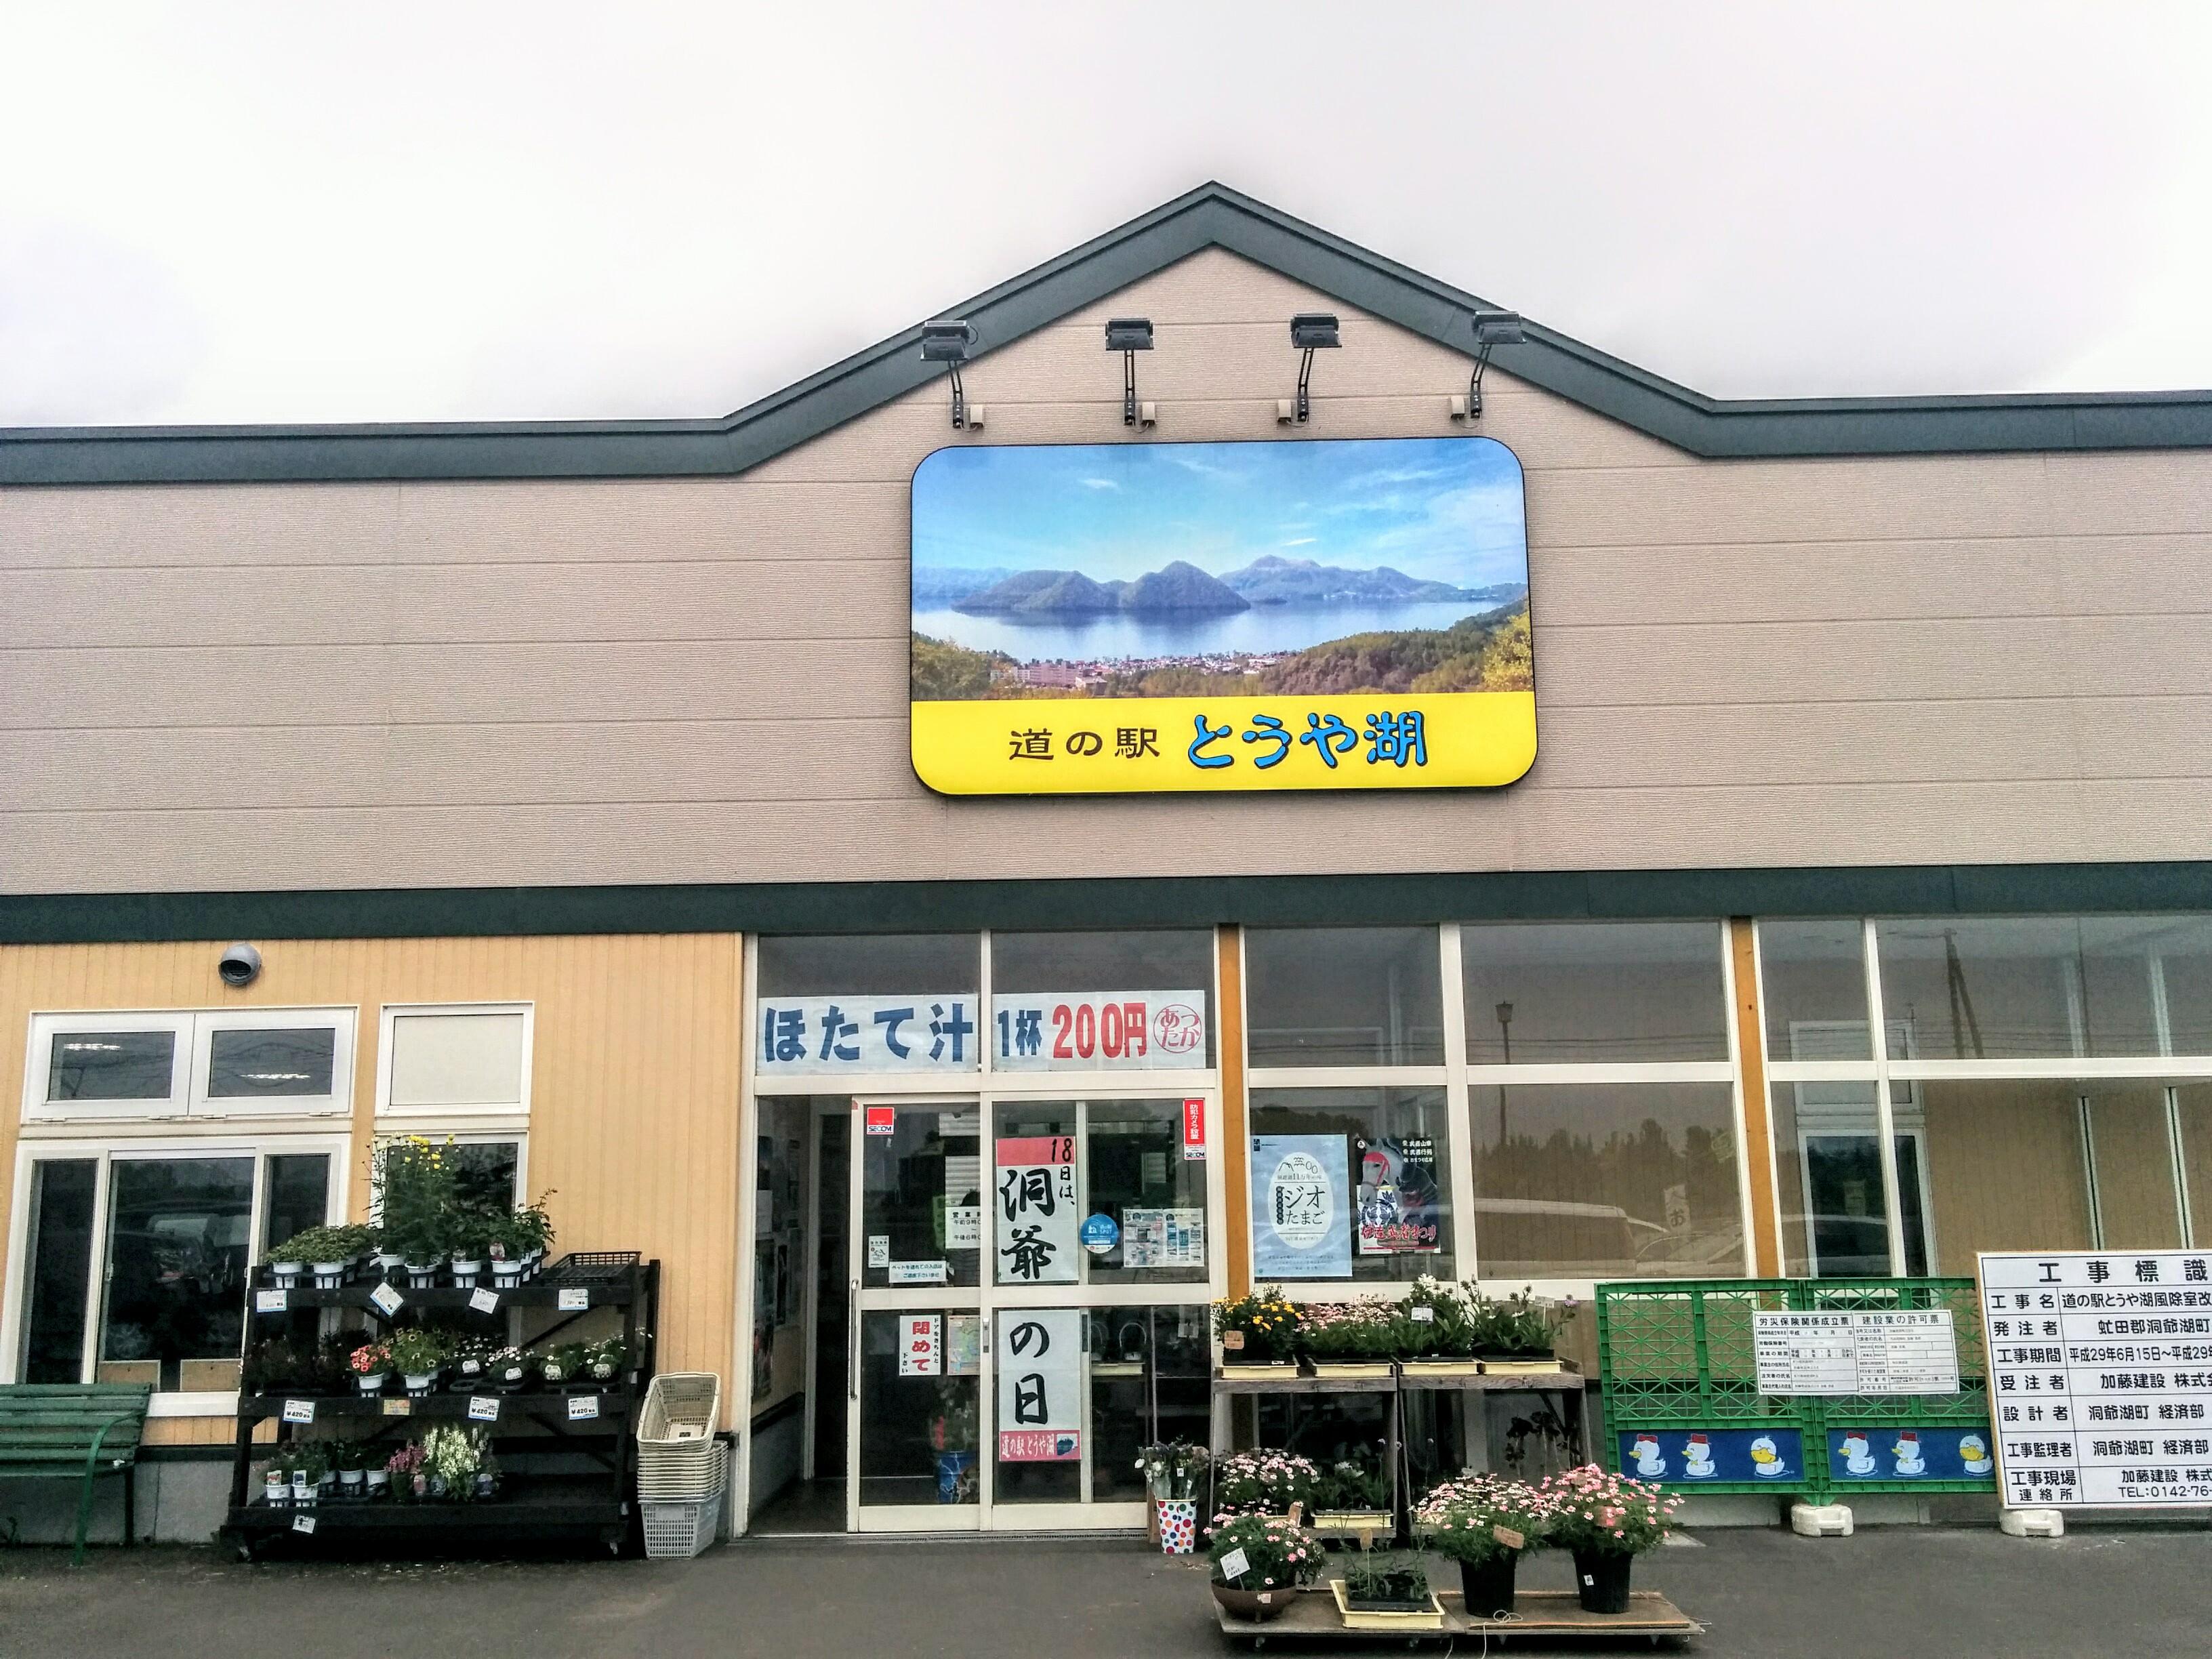 【洞爺湖】道の駅とうや湖~道の駅ニセコ~赤井川村農家直売所で野菜を買って来ました。